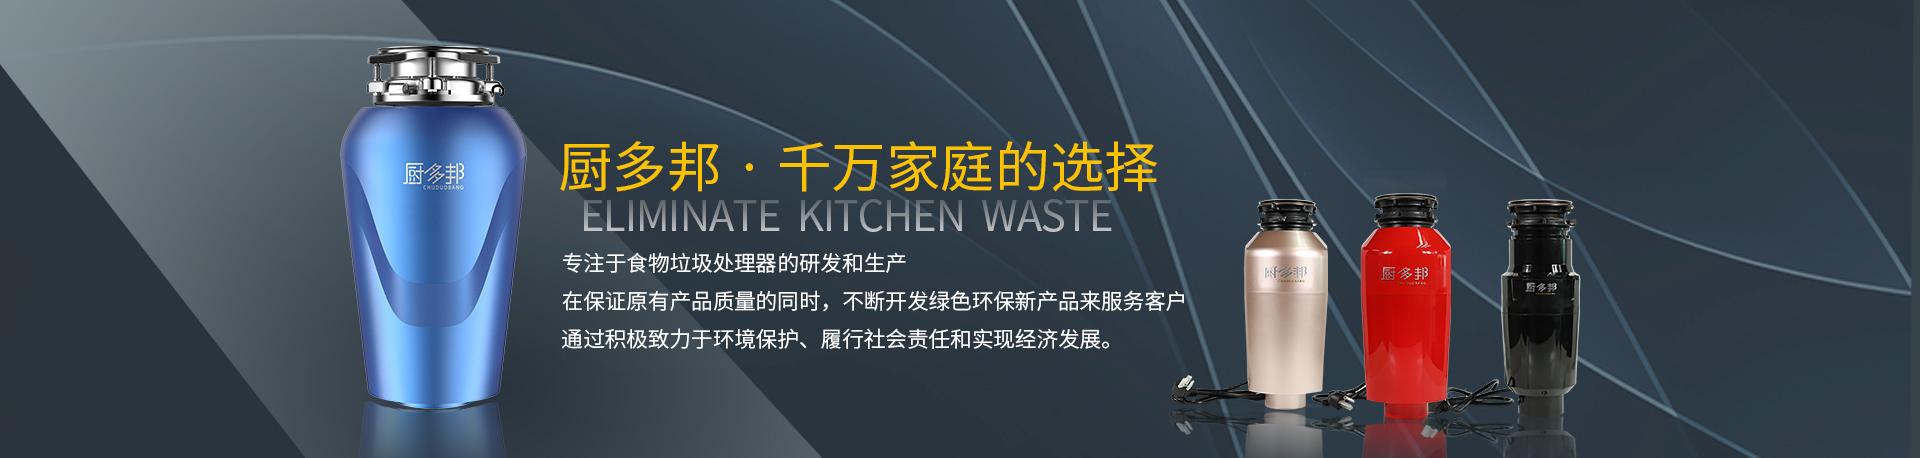 厨余垃圾处理器招商加盟